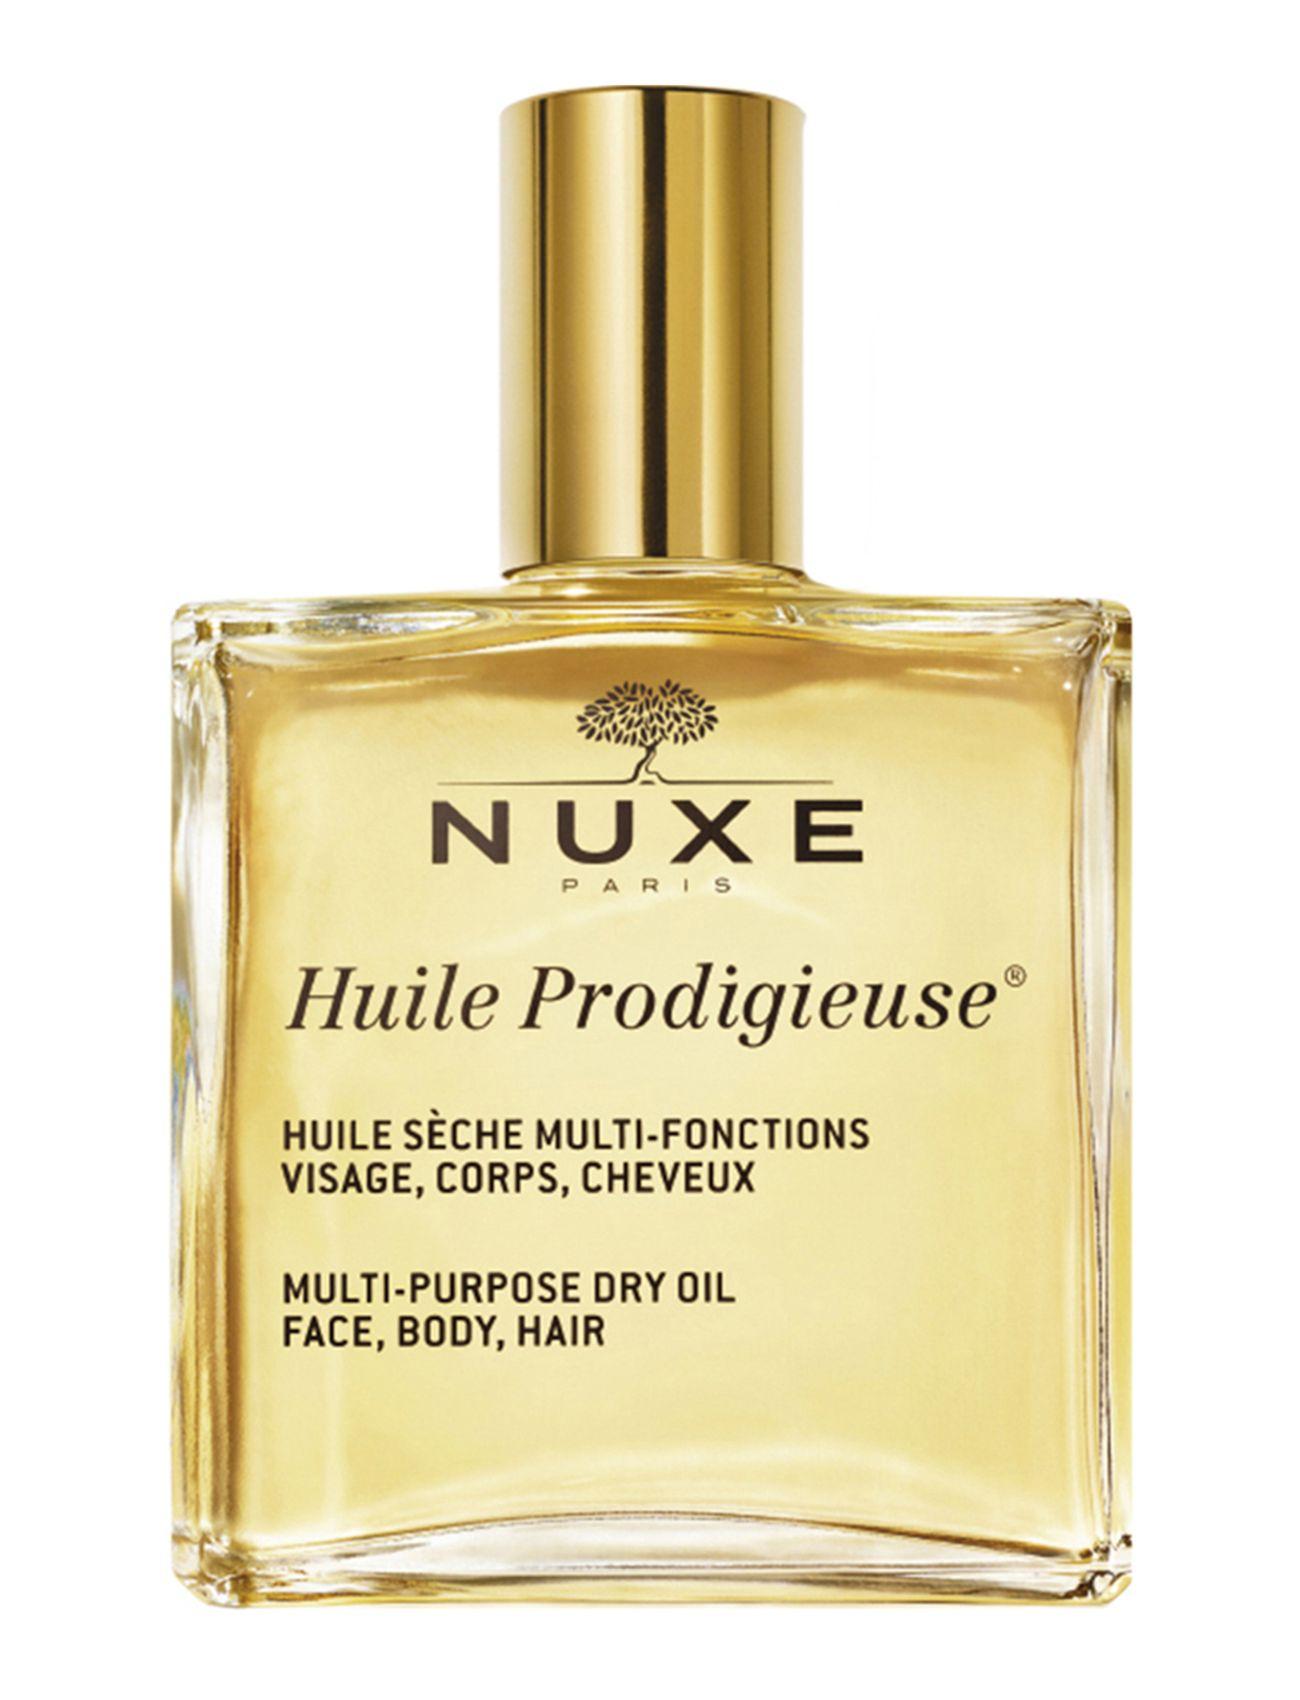 nuxe Huile prodigieuse dry oil 100 ml på boozt.com dk